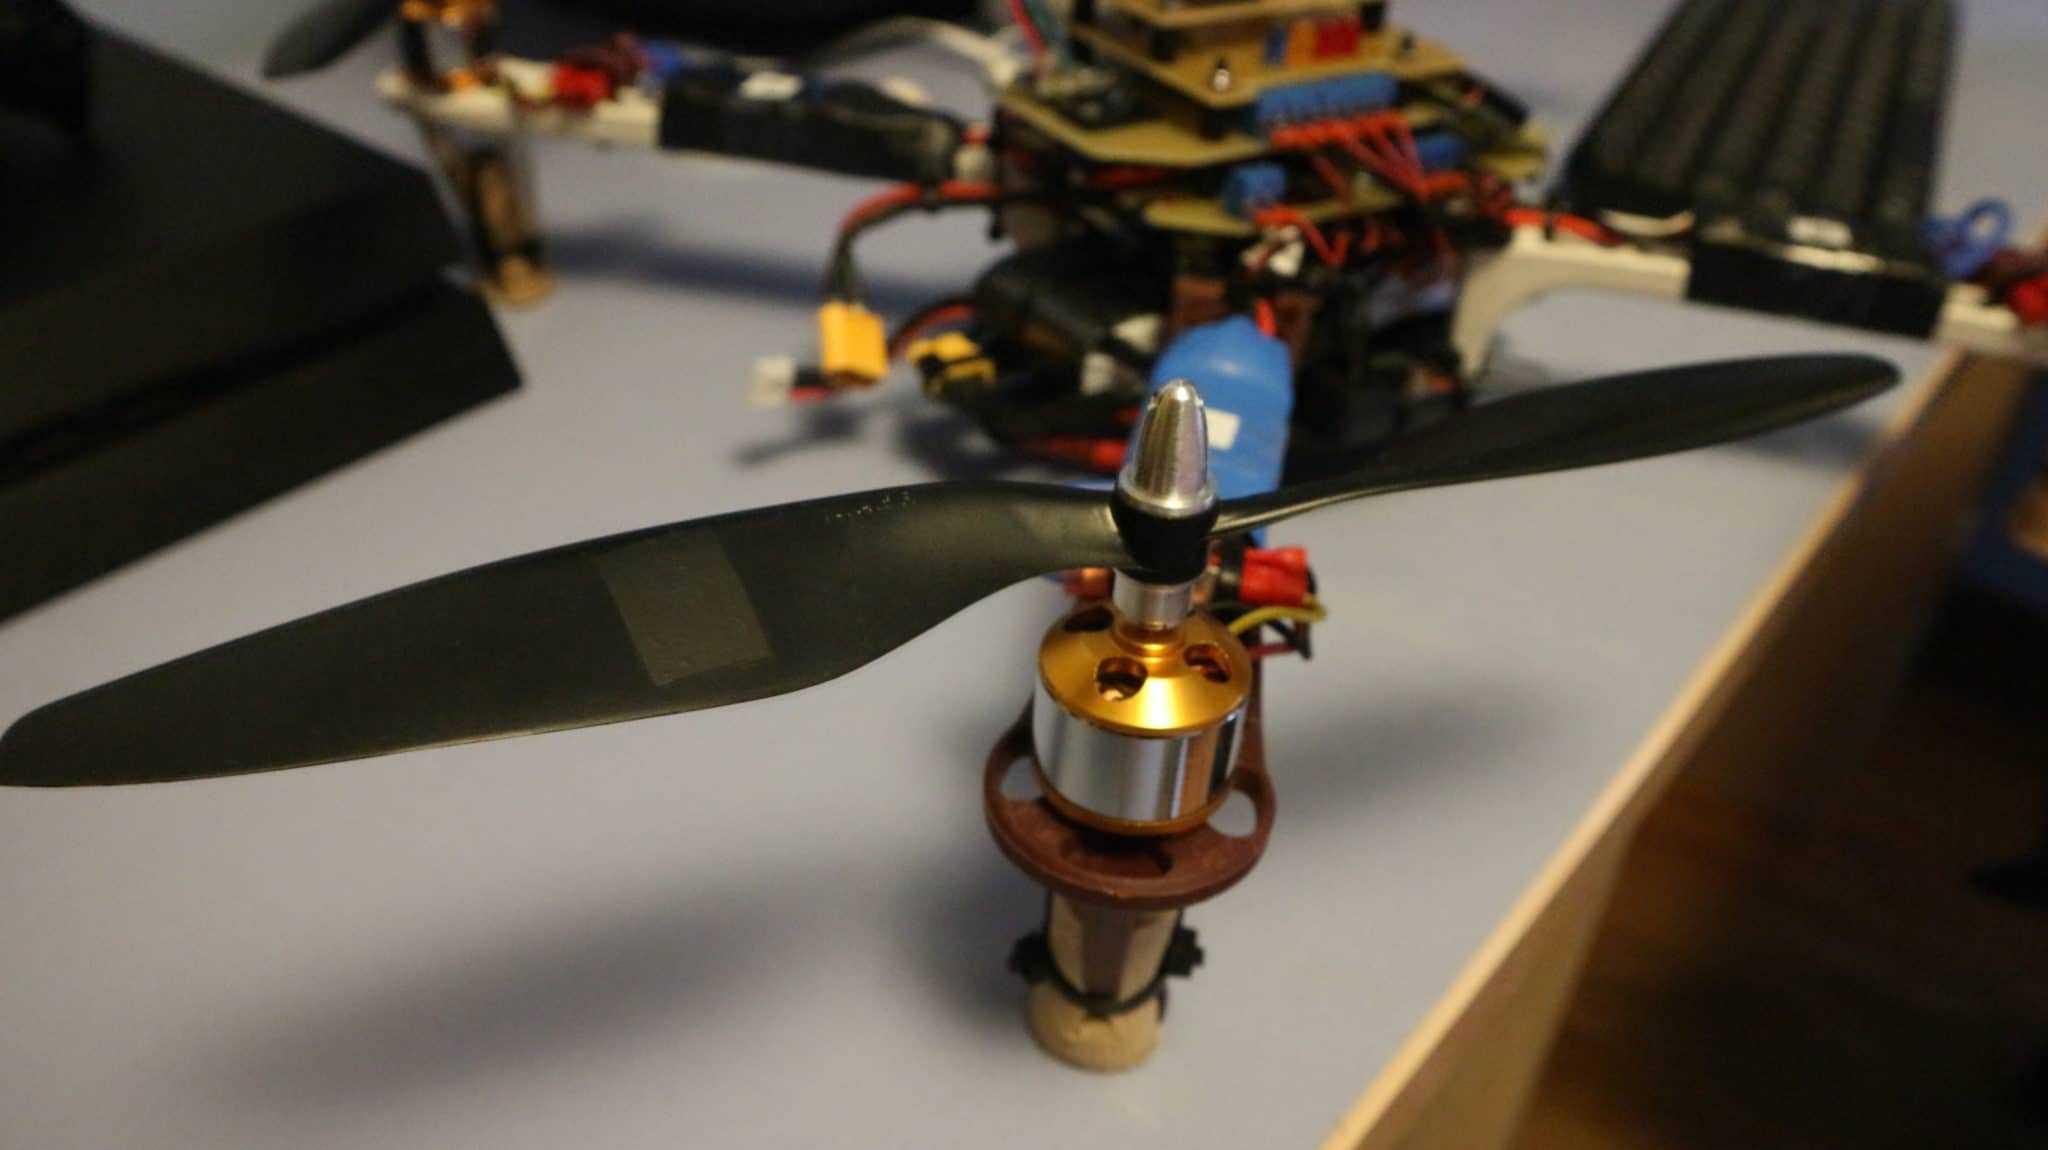 Calibración de hélice. Arduino drone.